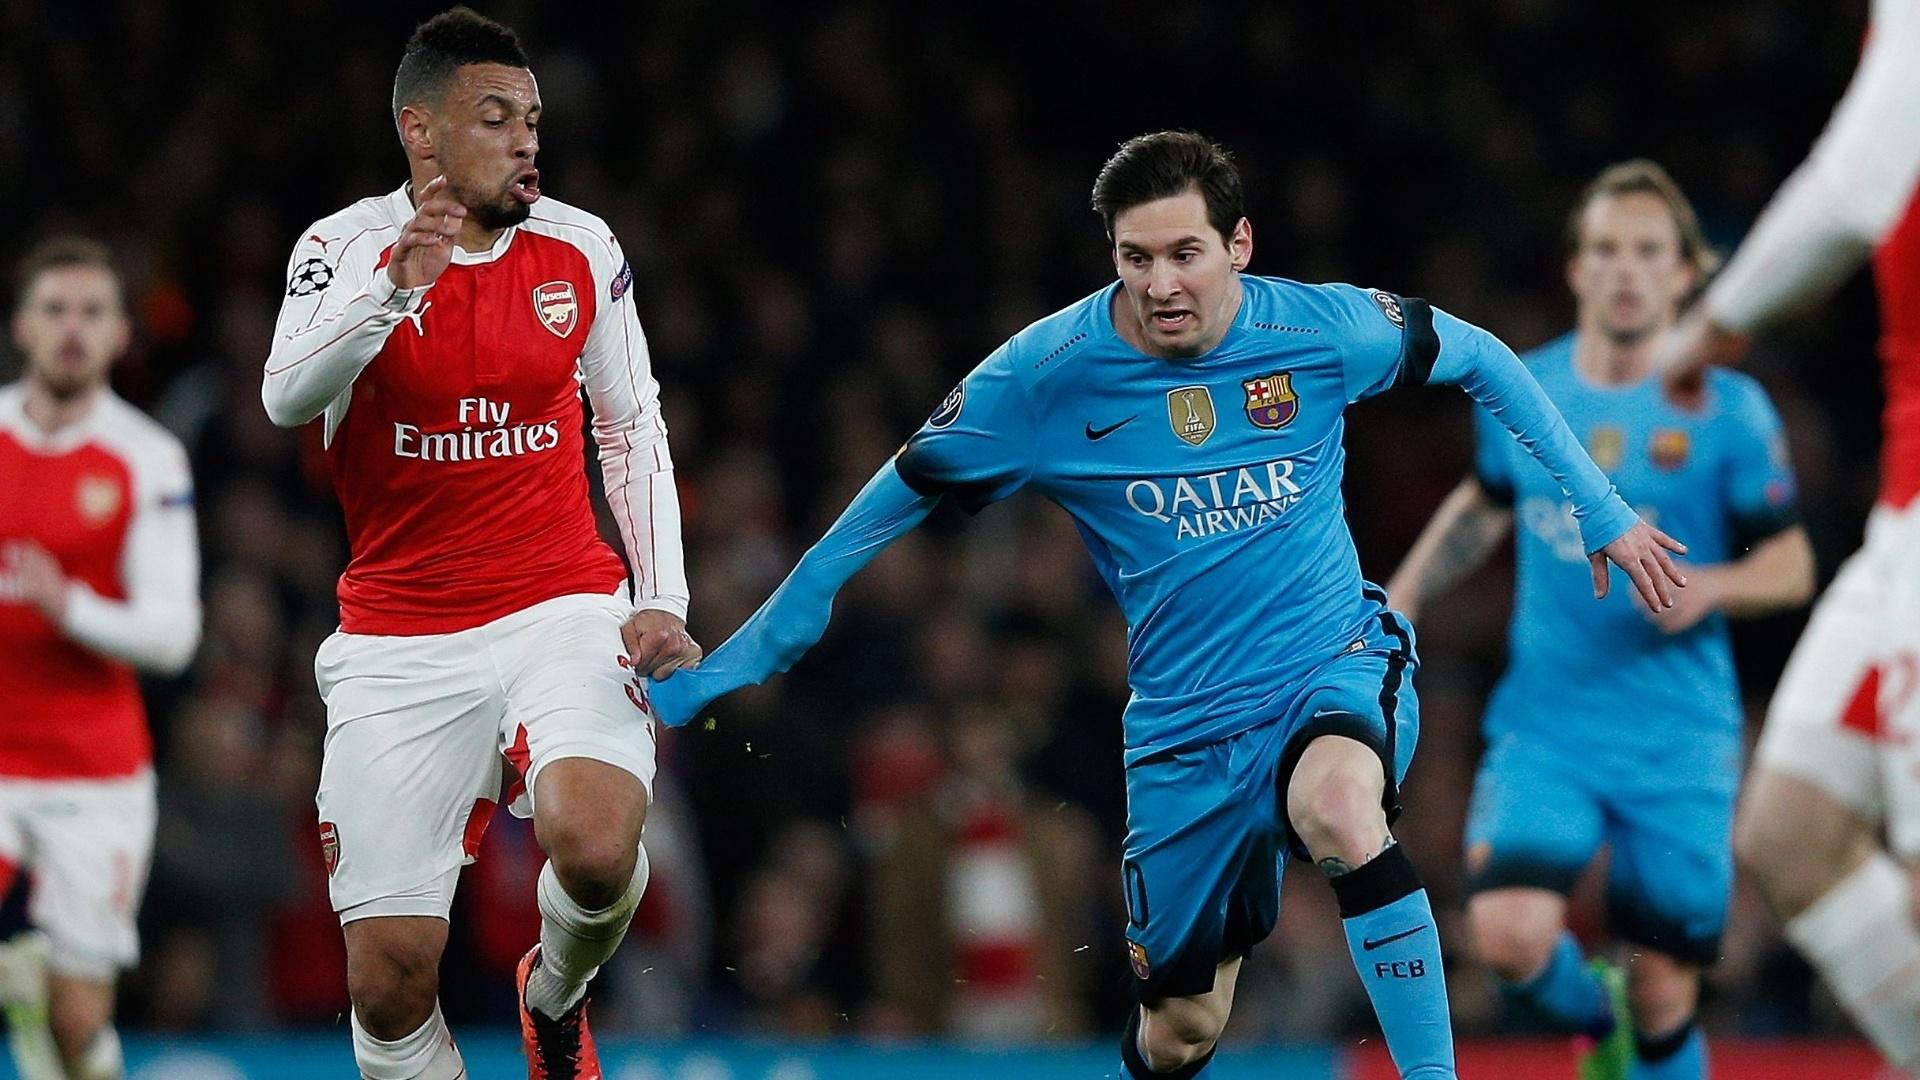 Coquelin puxa camisa de Messi na partida entre Arsenal e Barcelona pela Liga dos Campeões